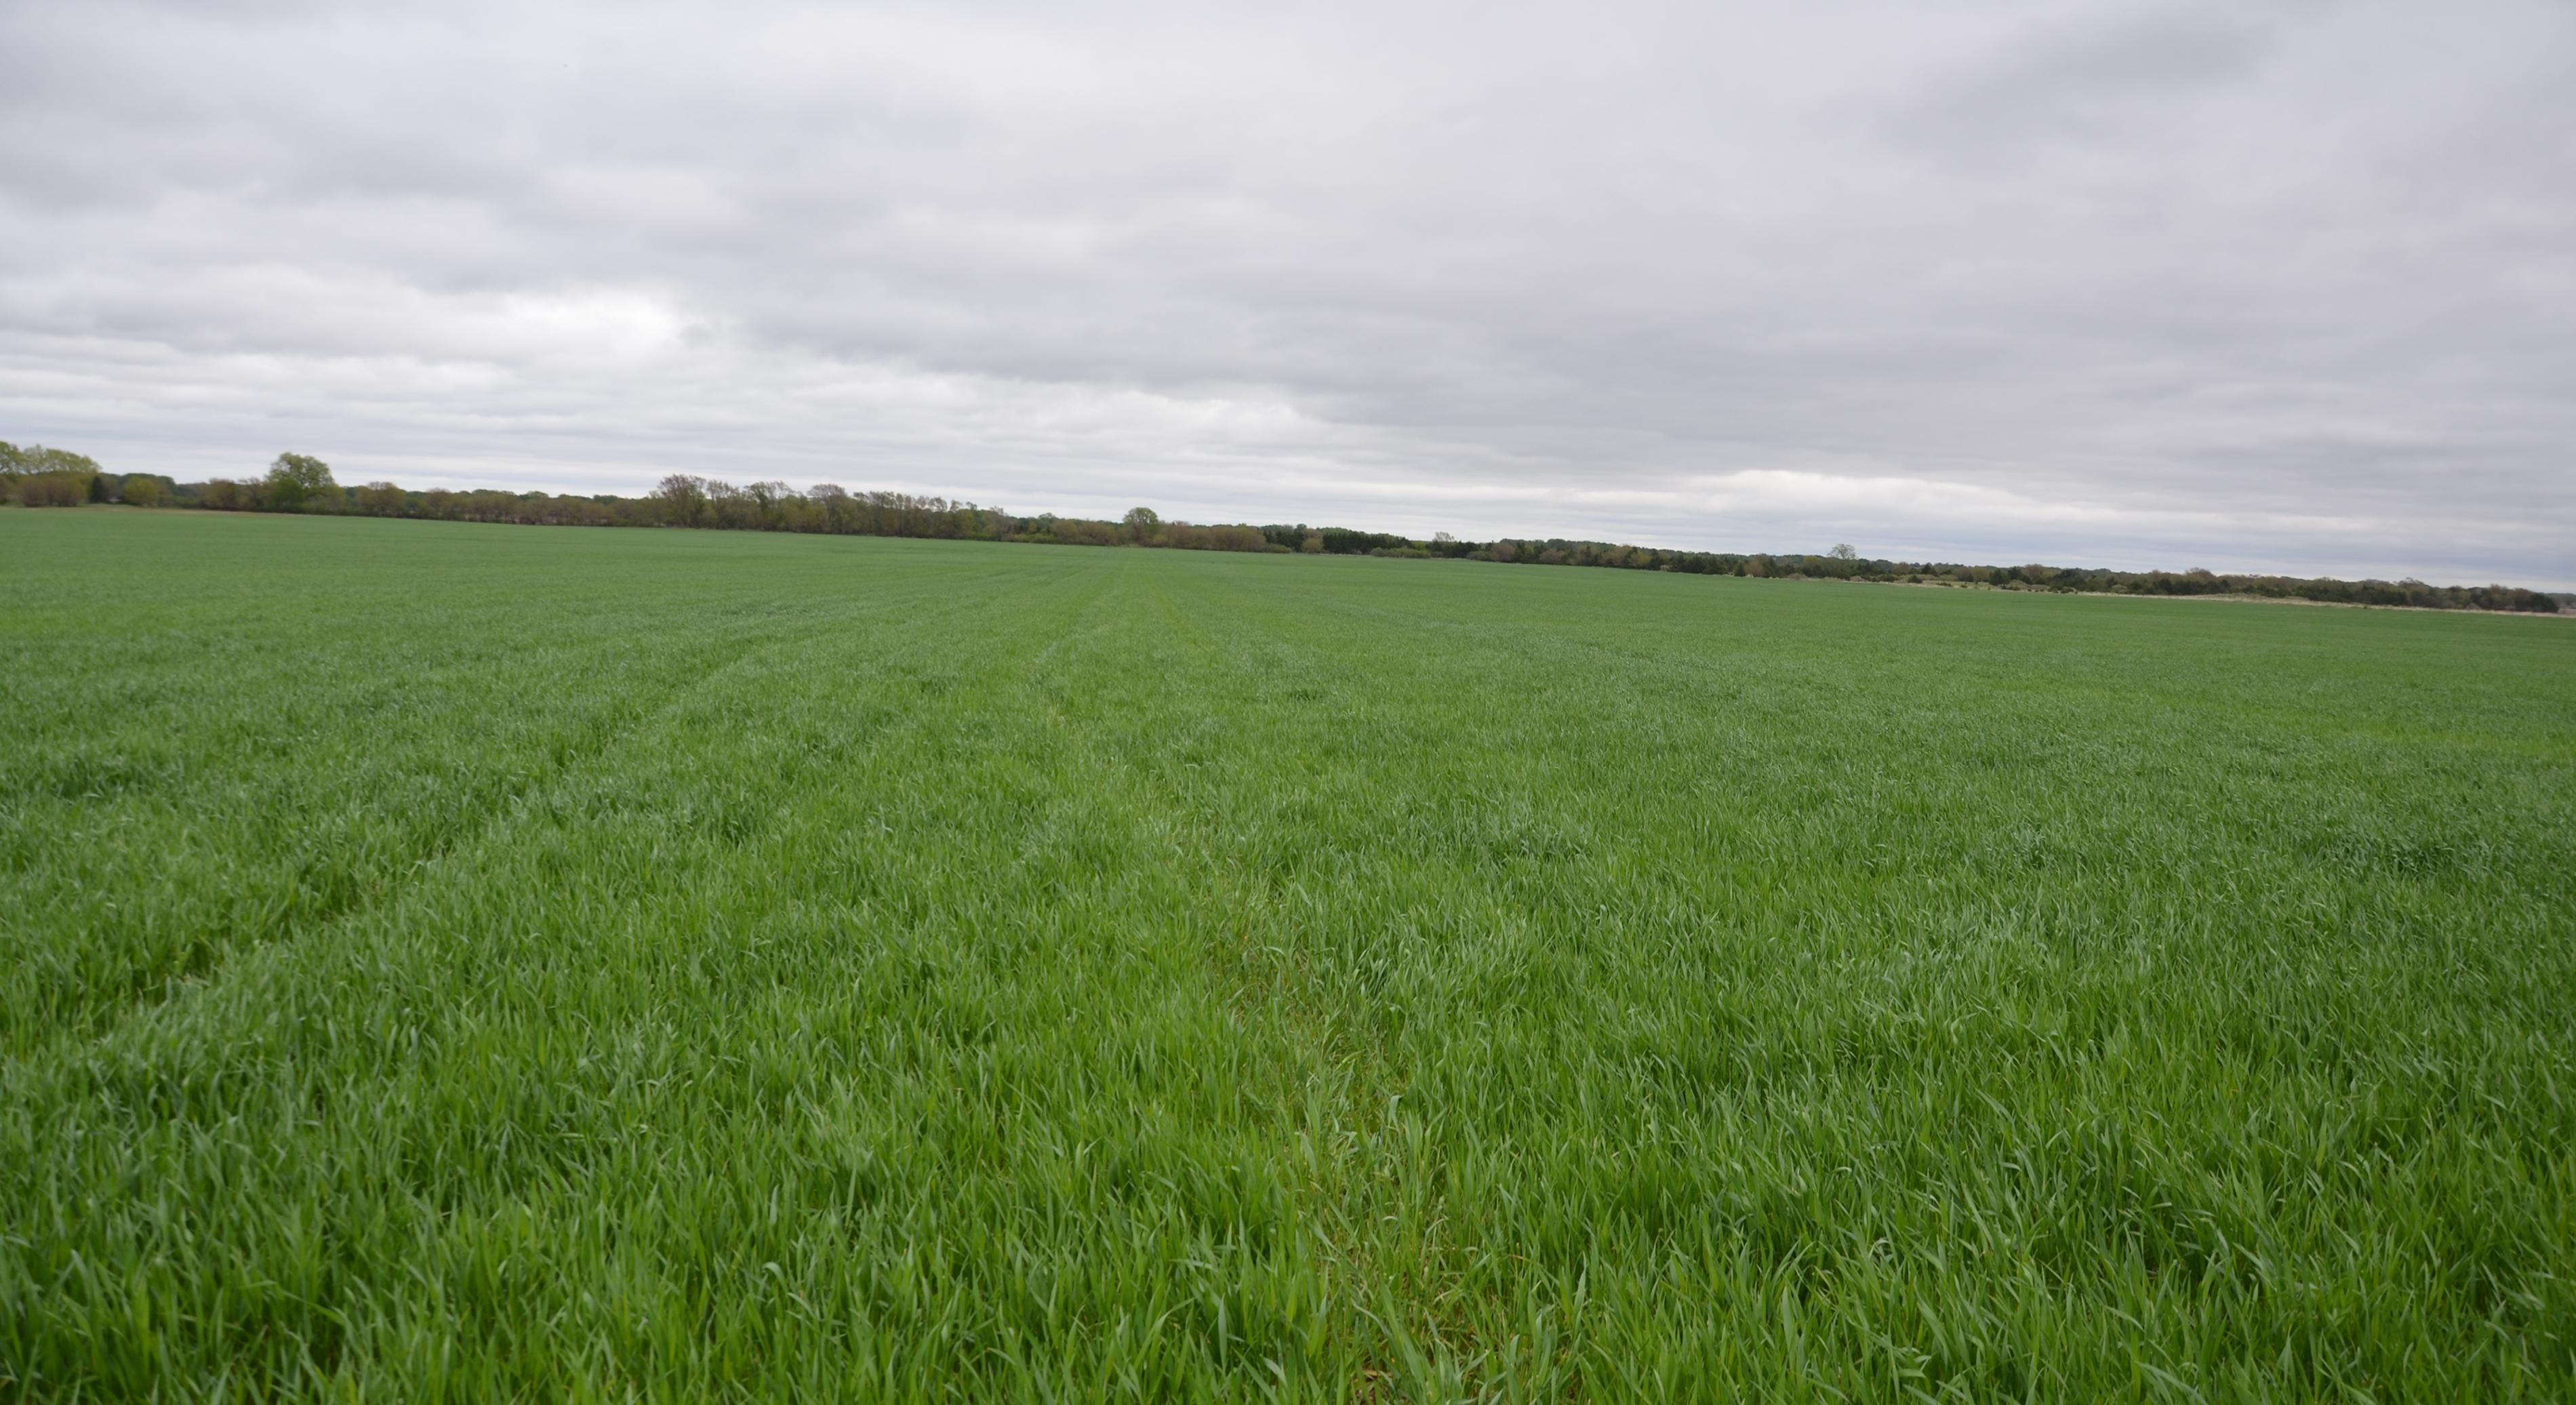 Wheat field in Saline County April 28, 2016